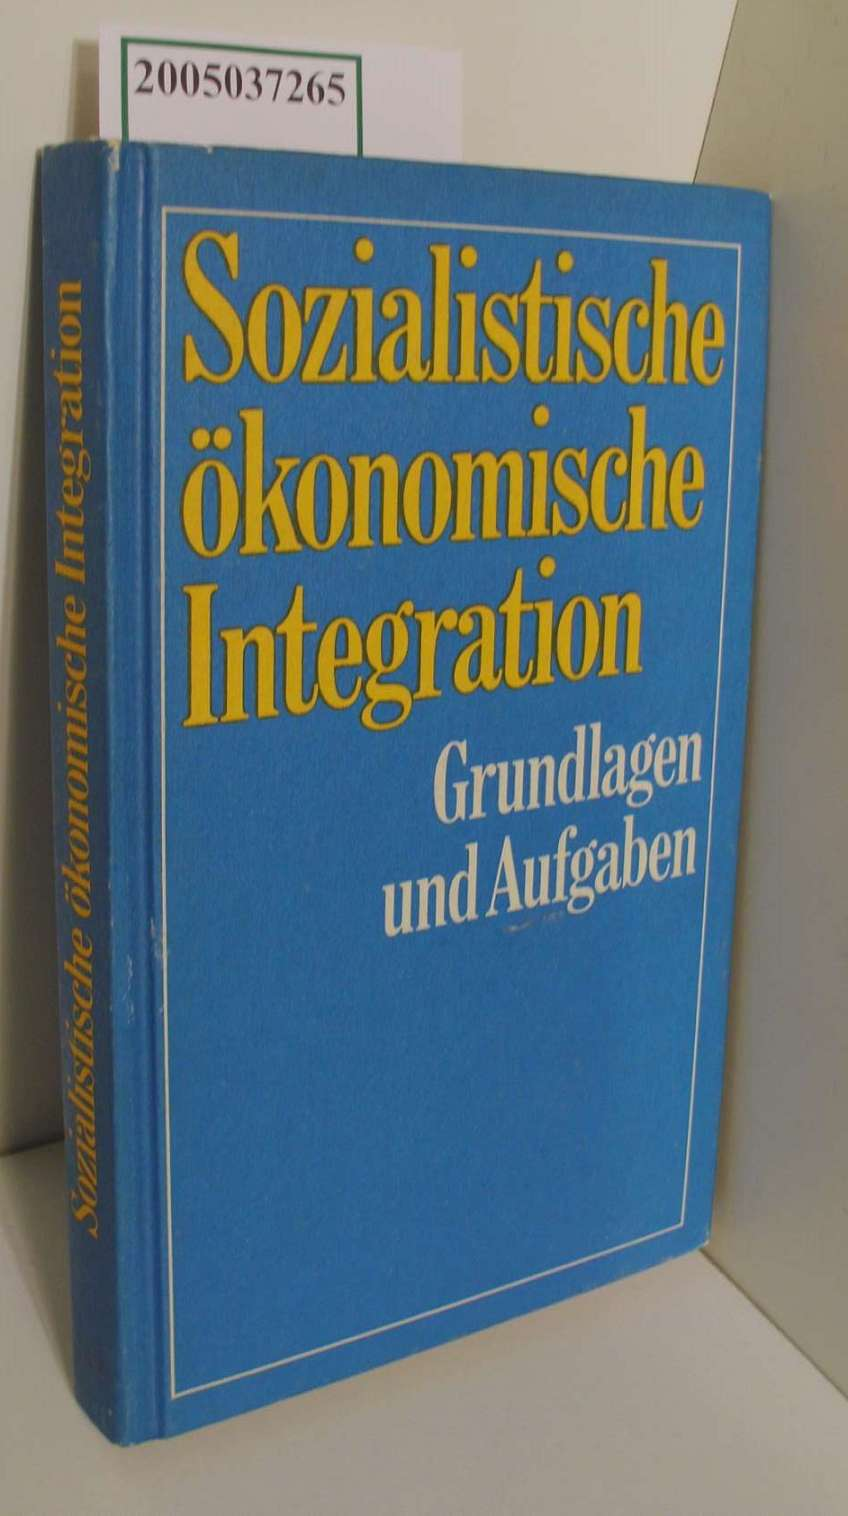 Sozialistische ökonomische Integration : Grundlagen und Aufgaben / [Akad. für Gesellschaftswiss. beim ZK d. SED ]